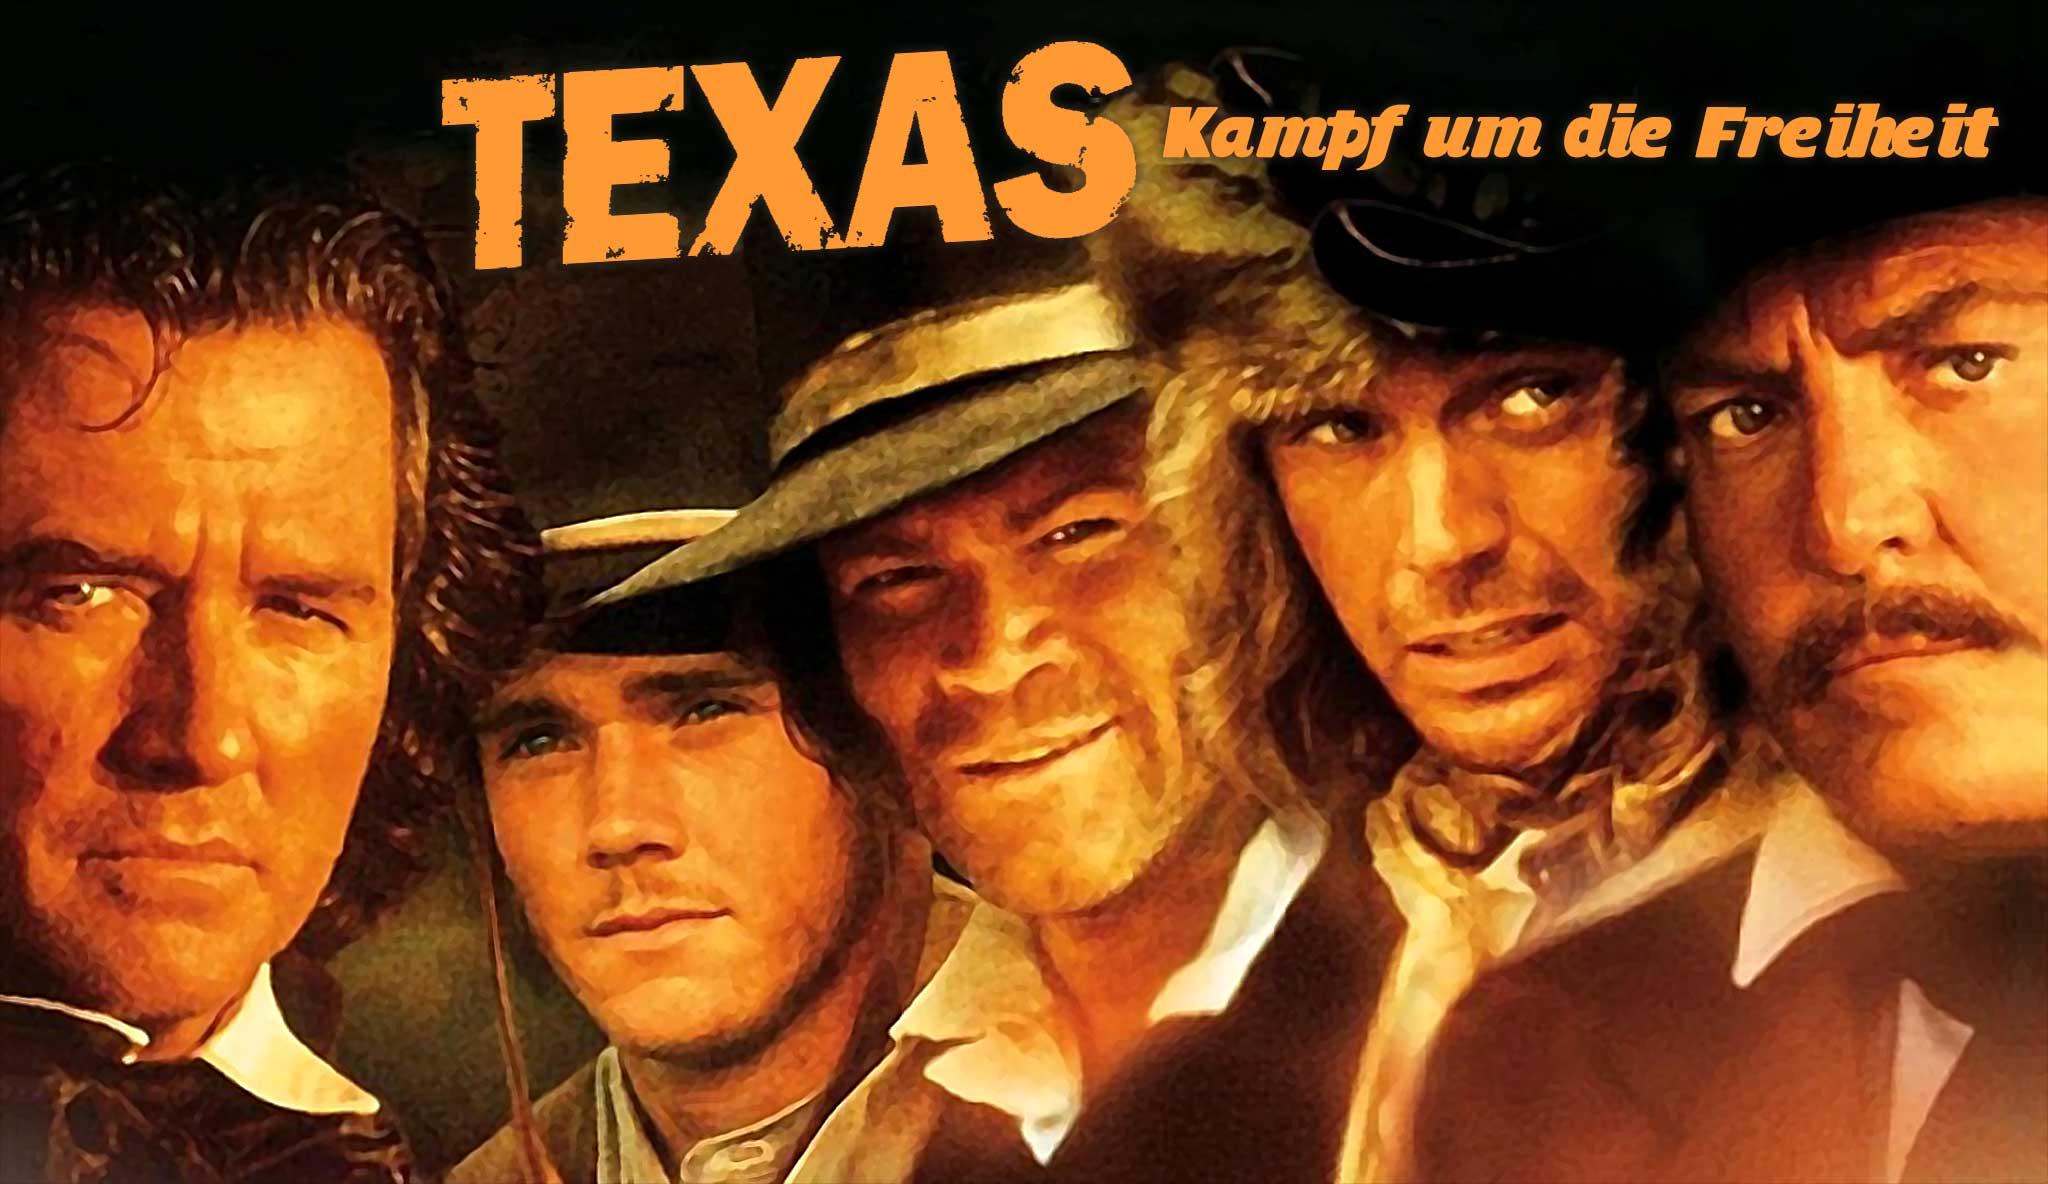 texas-kampf-um-die-freiheit\header.jpg